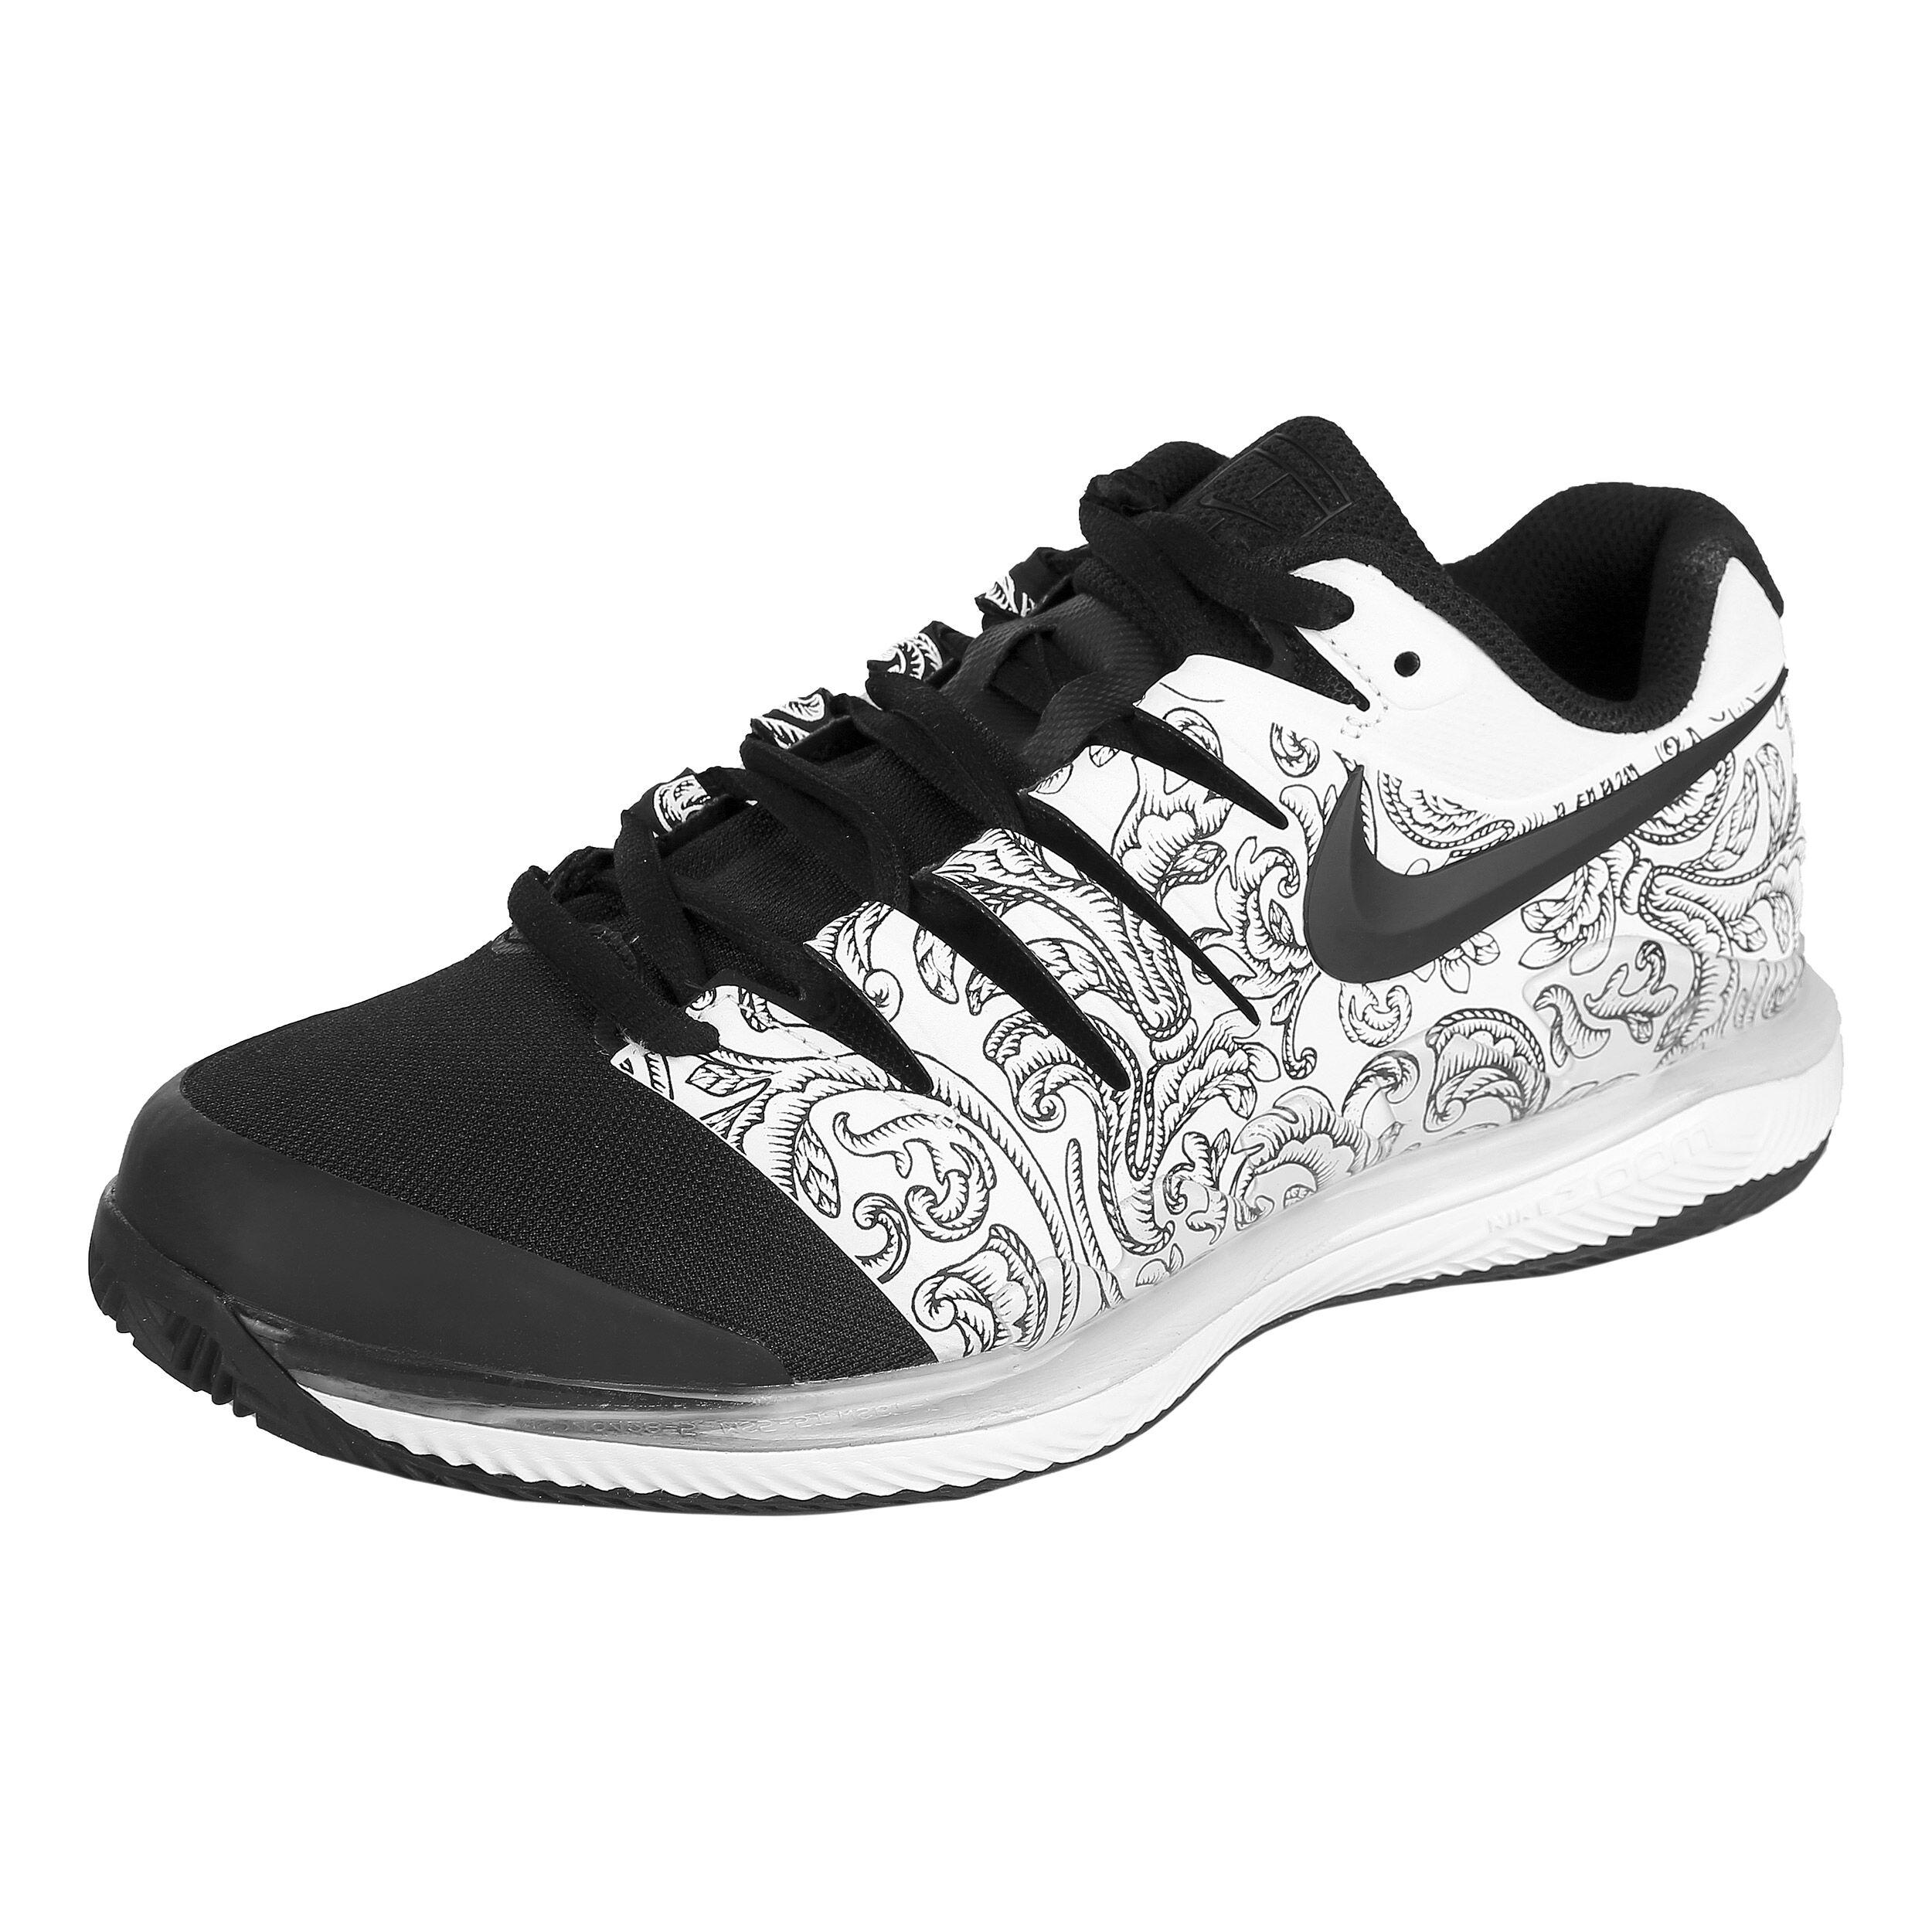 Chaussure tennis femme Clay Nike Air Zoom Vapor 10 Air